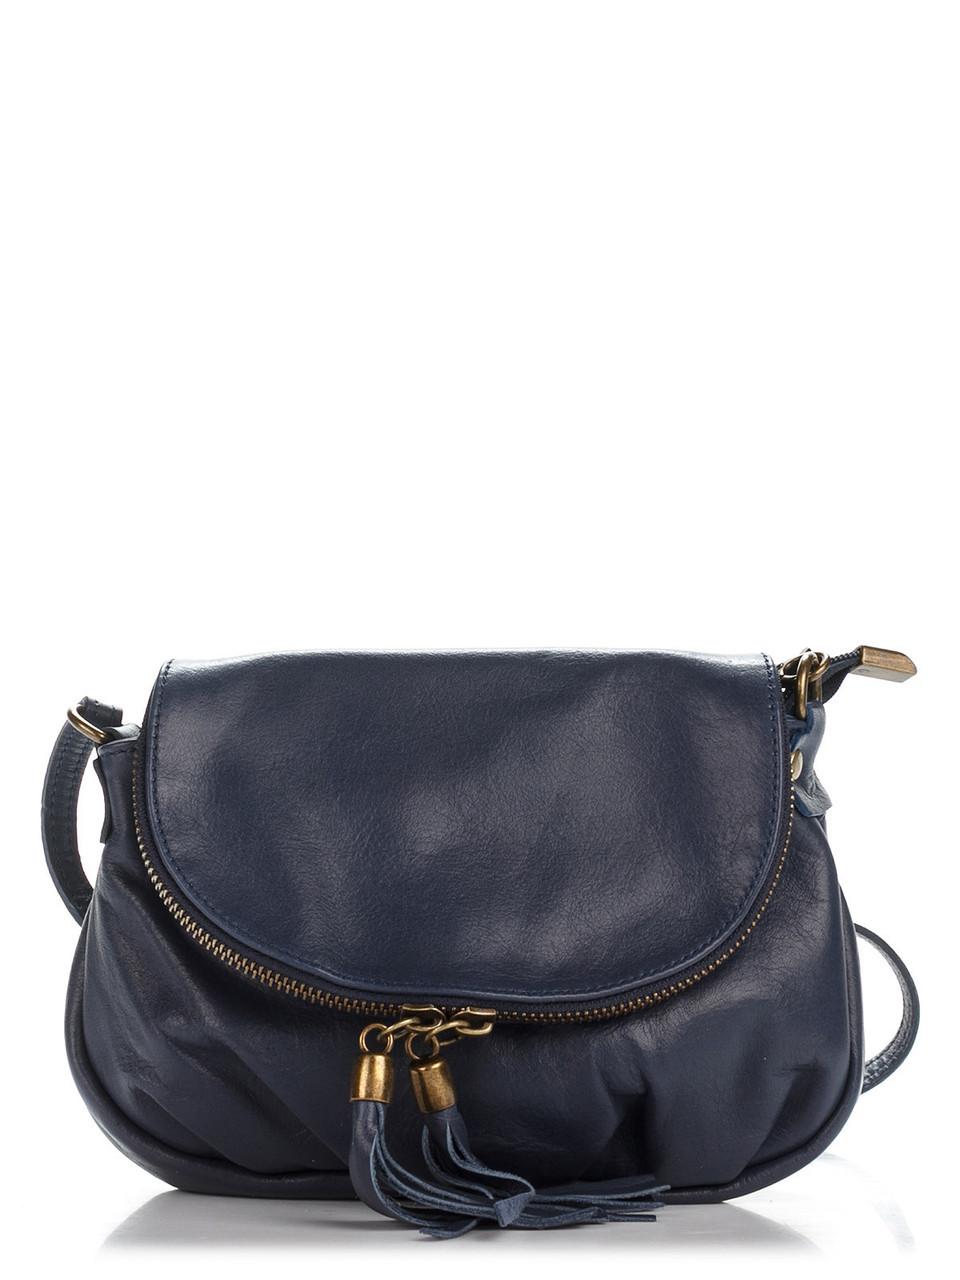 Женская кожаная сумка MIMMA Diva's Bag цвет темно-синий